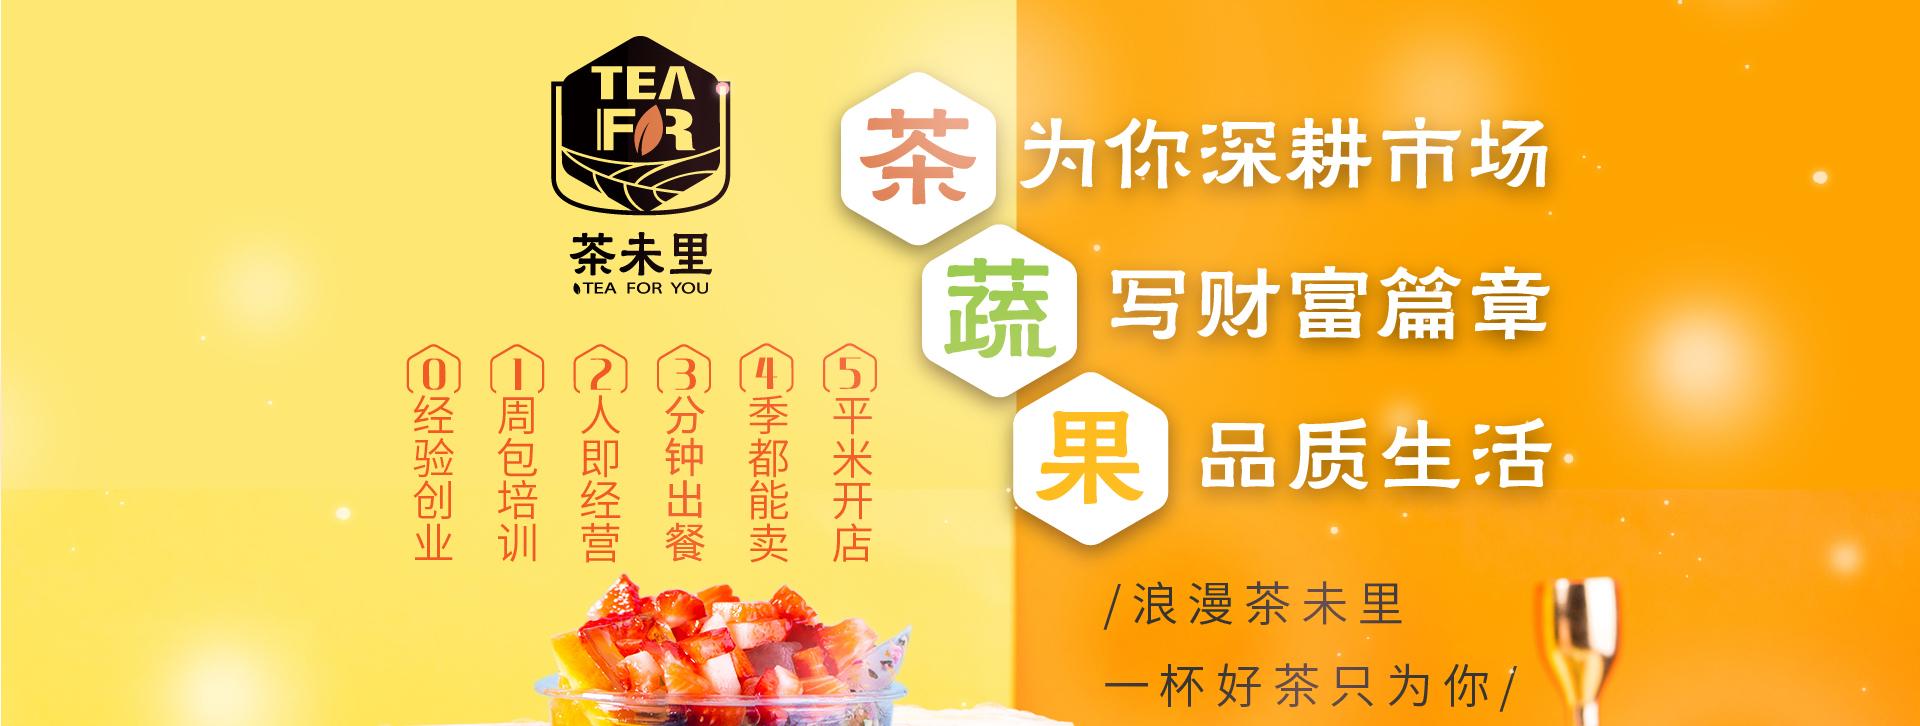 茶未里奶茶cwl_01